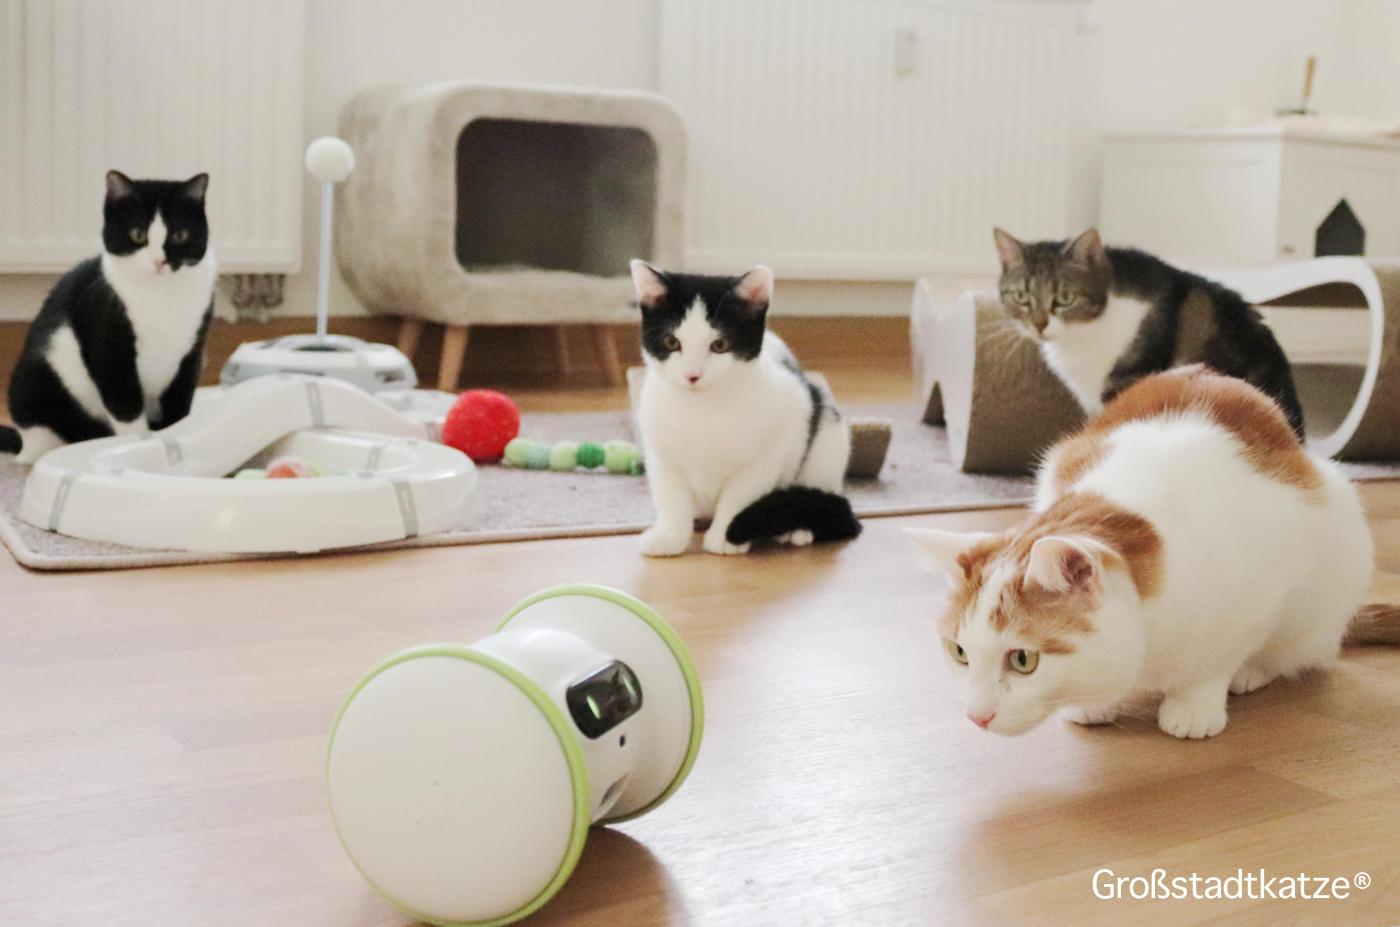 Von Kindern, Katzen, Krümeln und einem Roboter